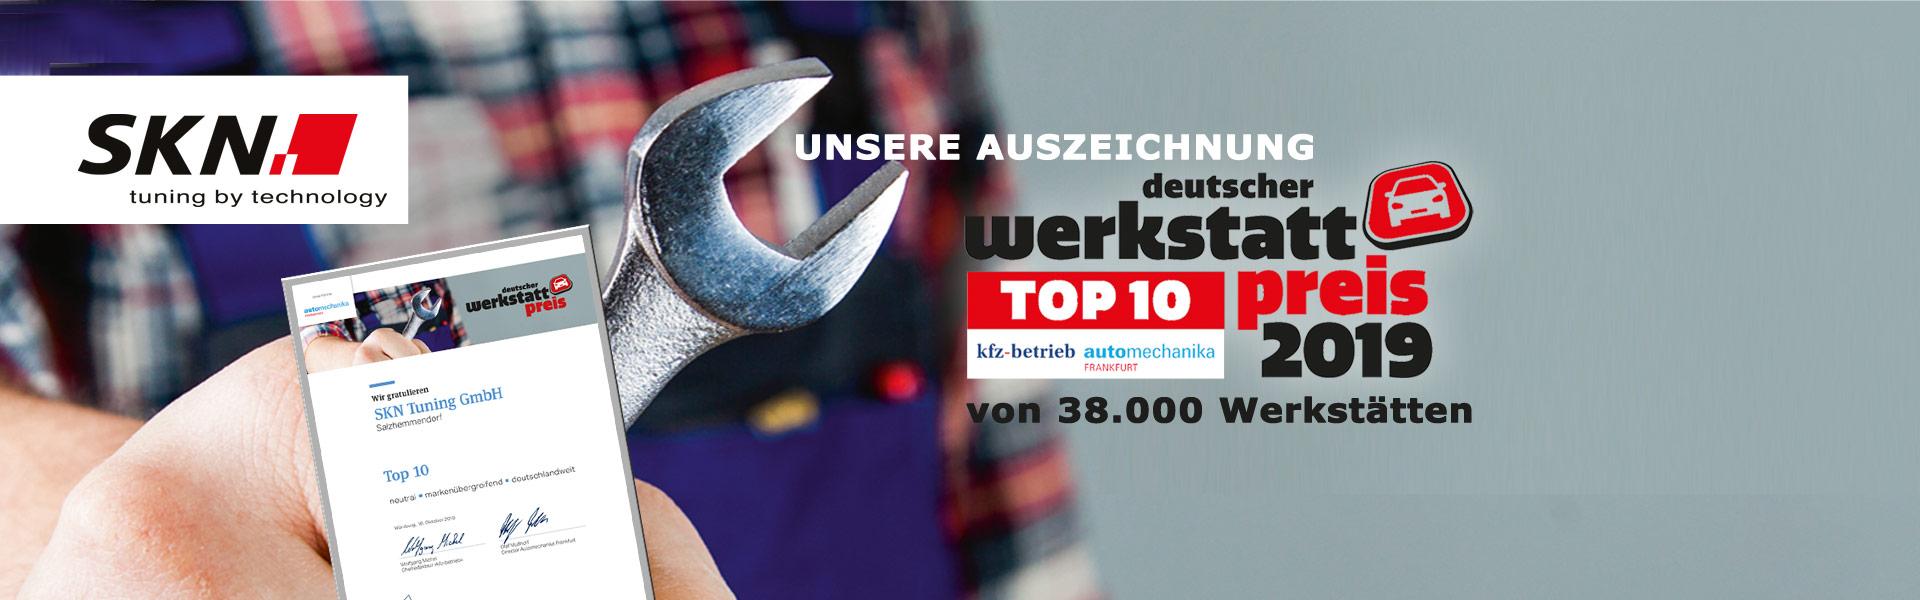 Unsere Auszeichnung - deutscher Werkstatt Preis